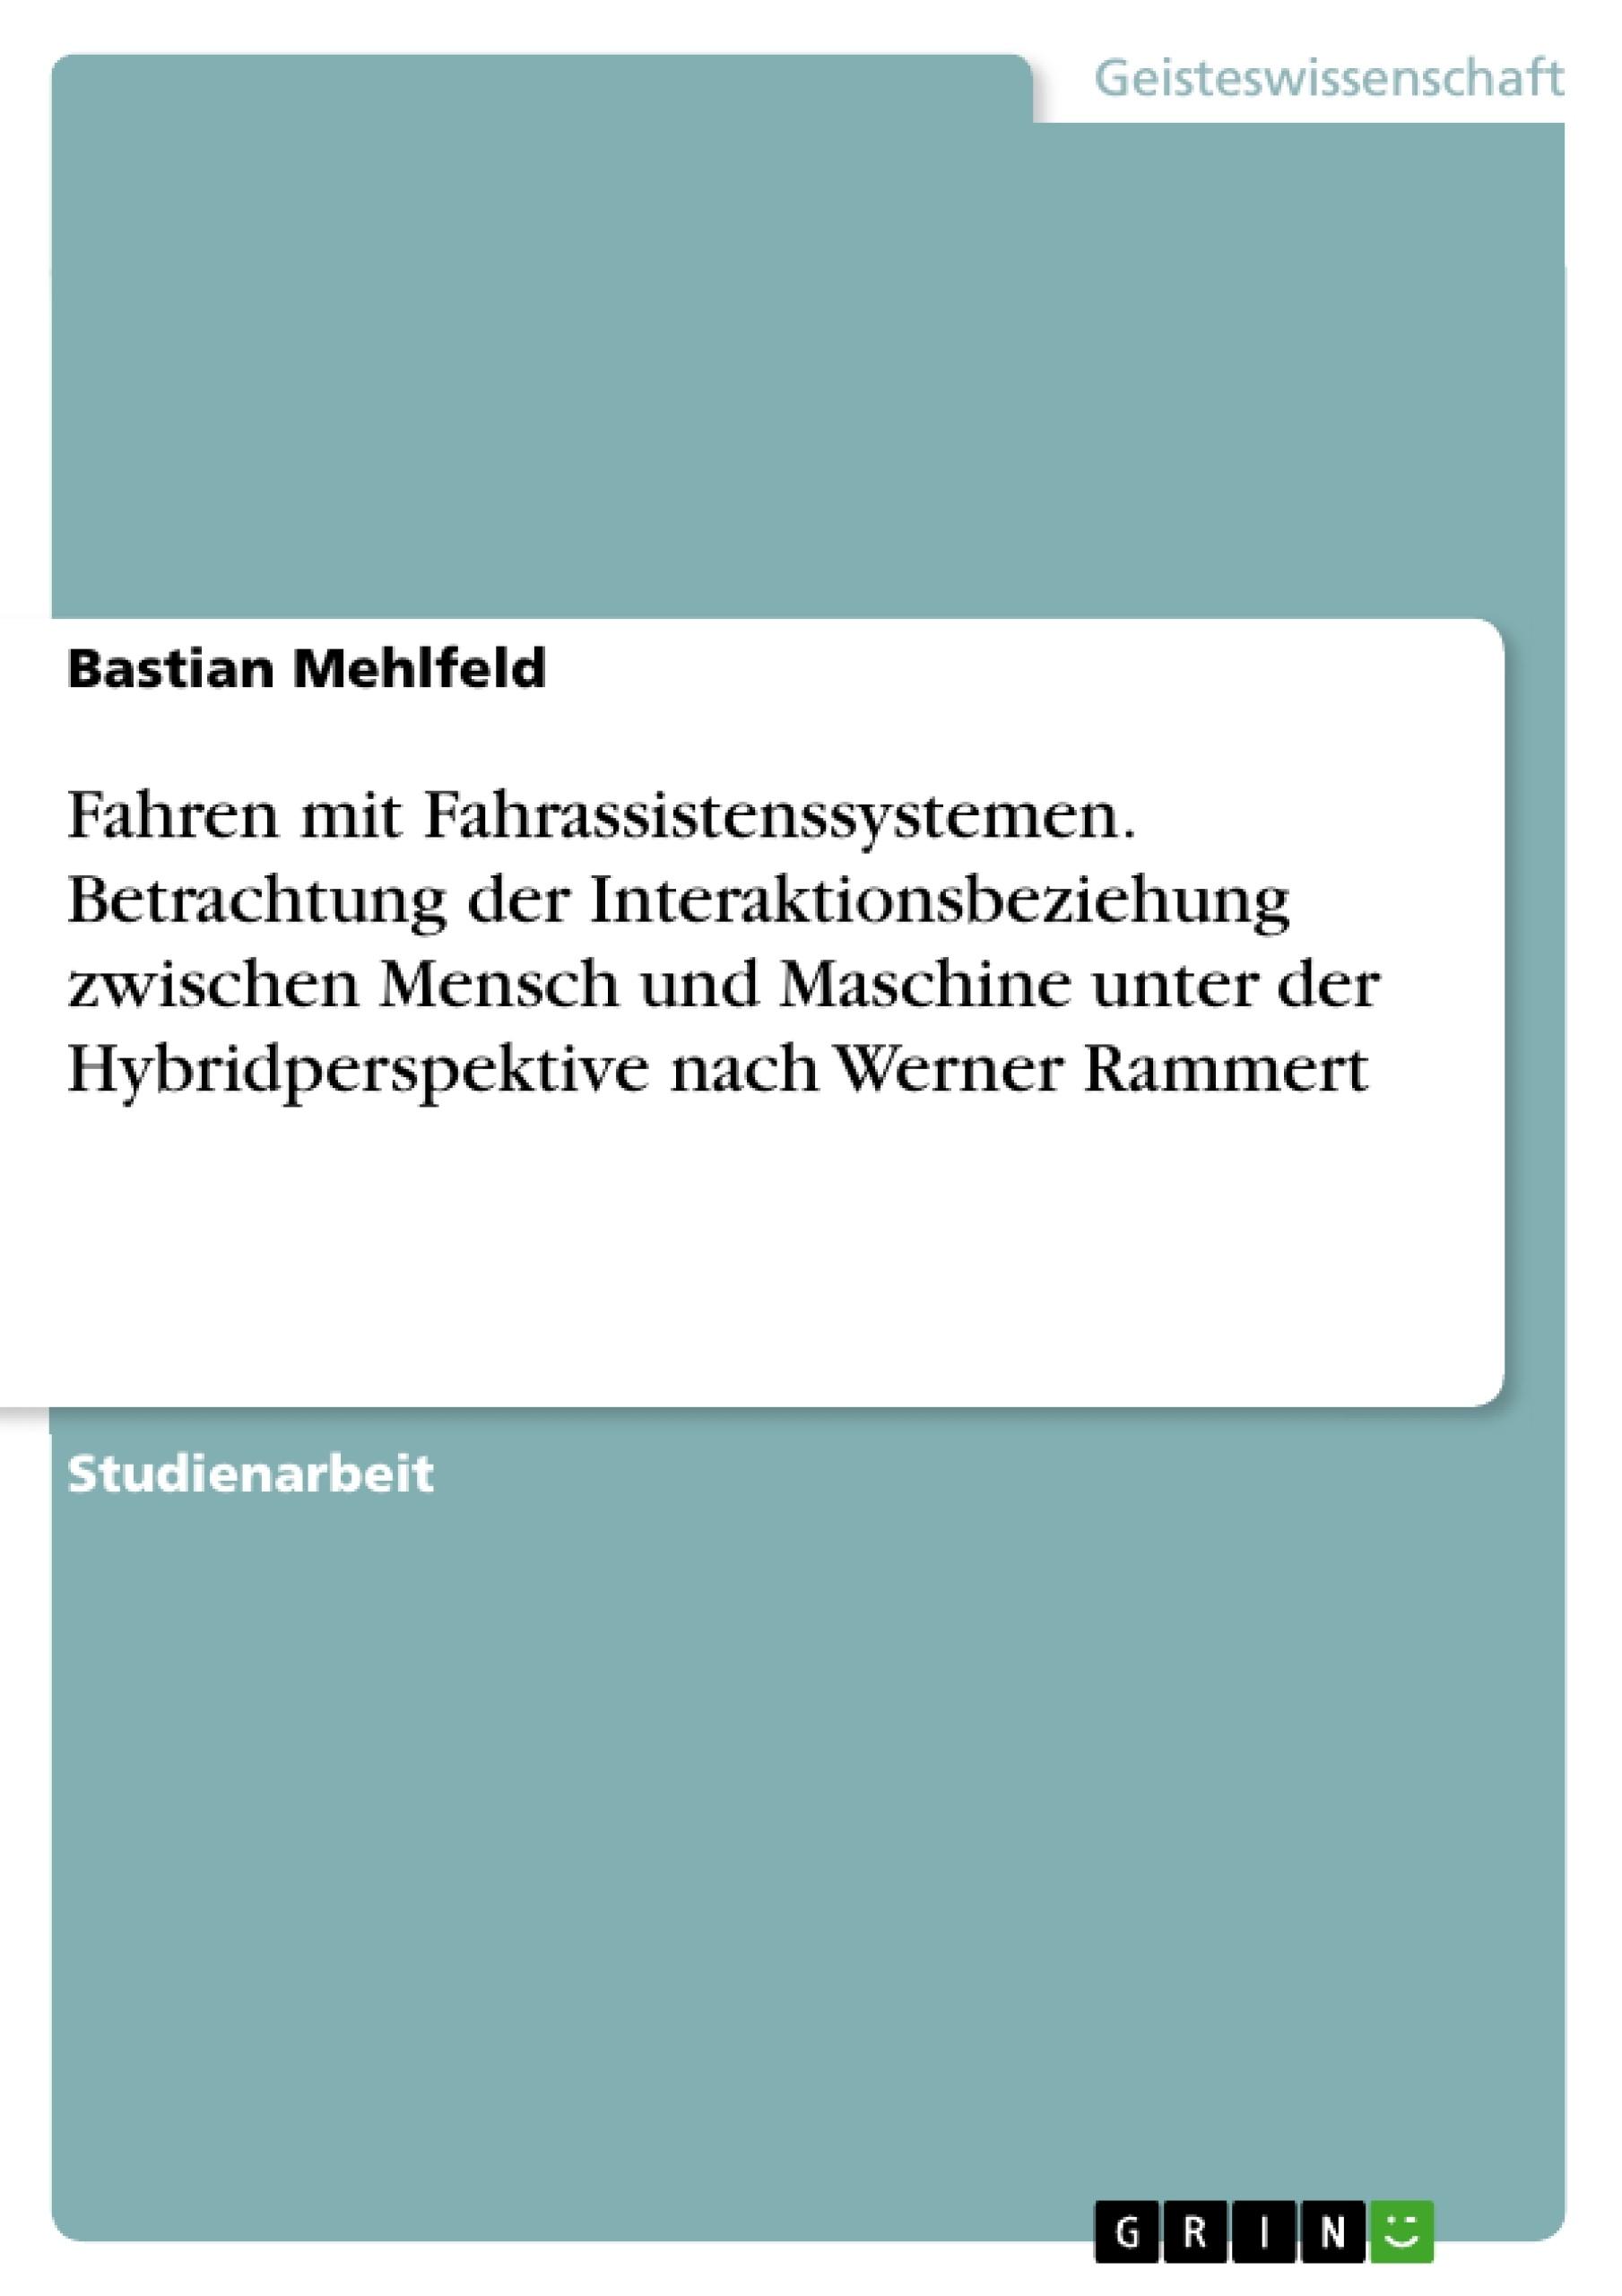 Titel: Fahren mit Fahrassistenssystemen. Betrachtung der Interaktionsbeziehung zwischen Mensch und Maschine unter der Hybridperspektive nach Werner Rammert